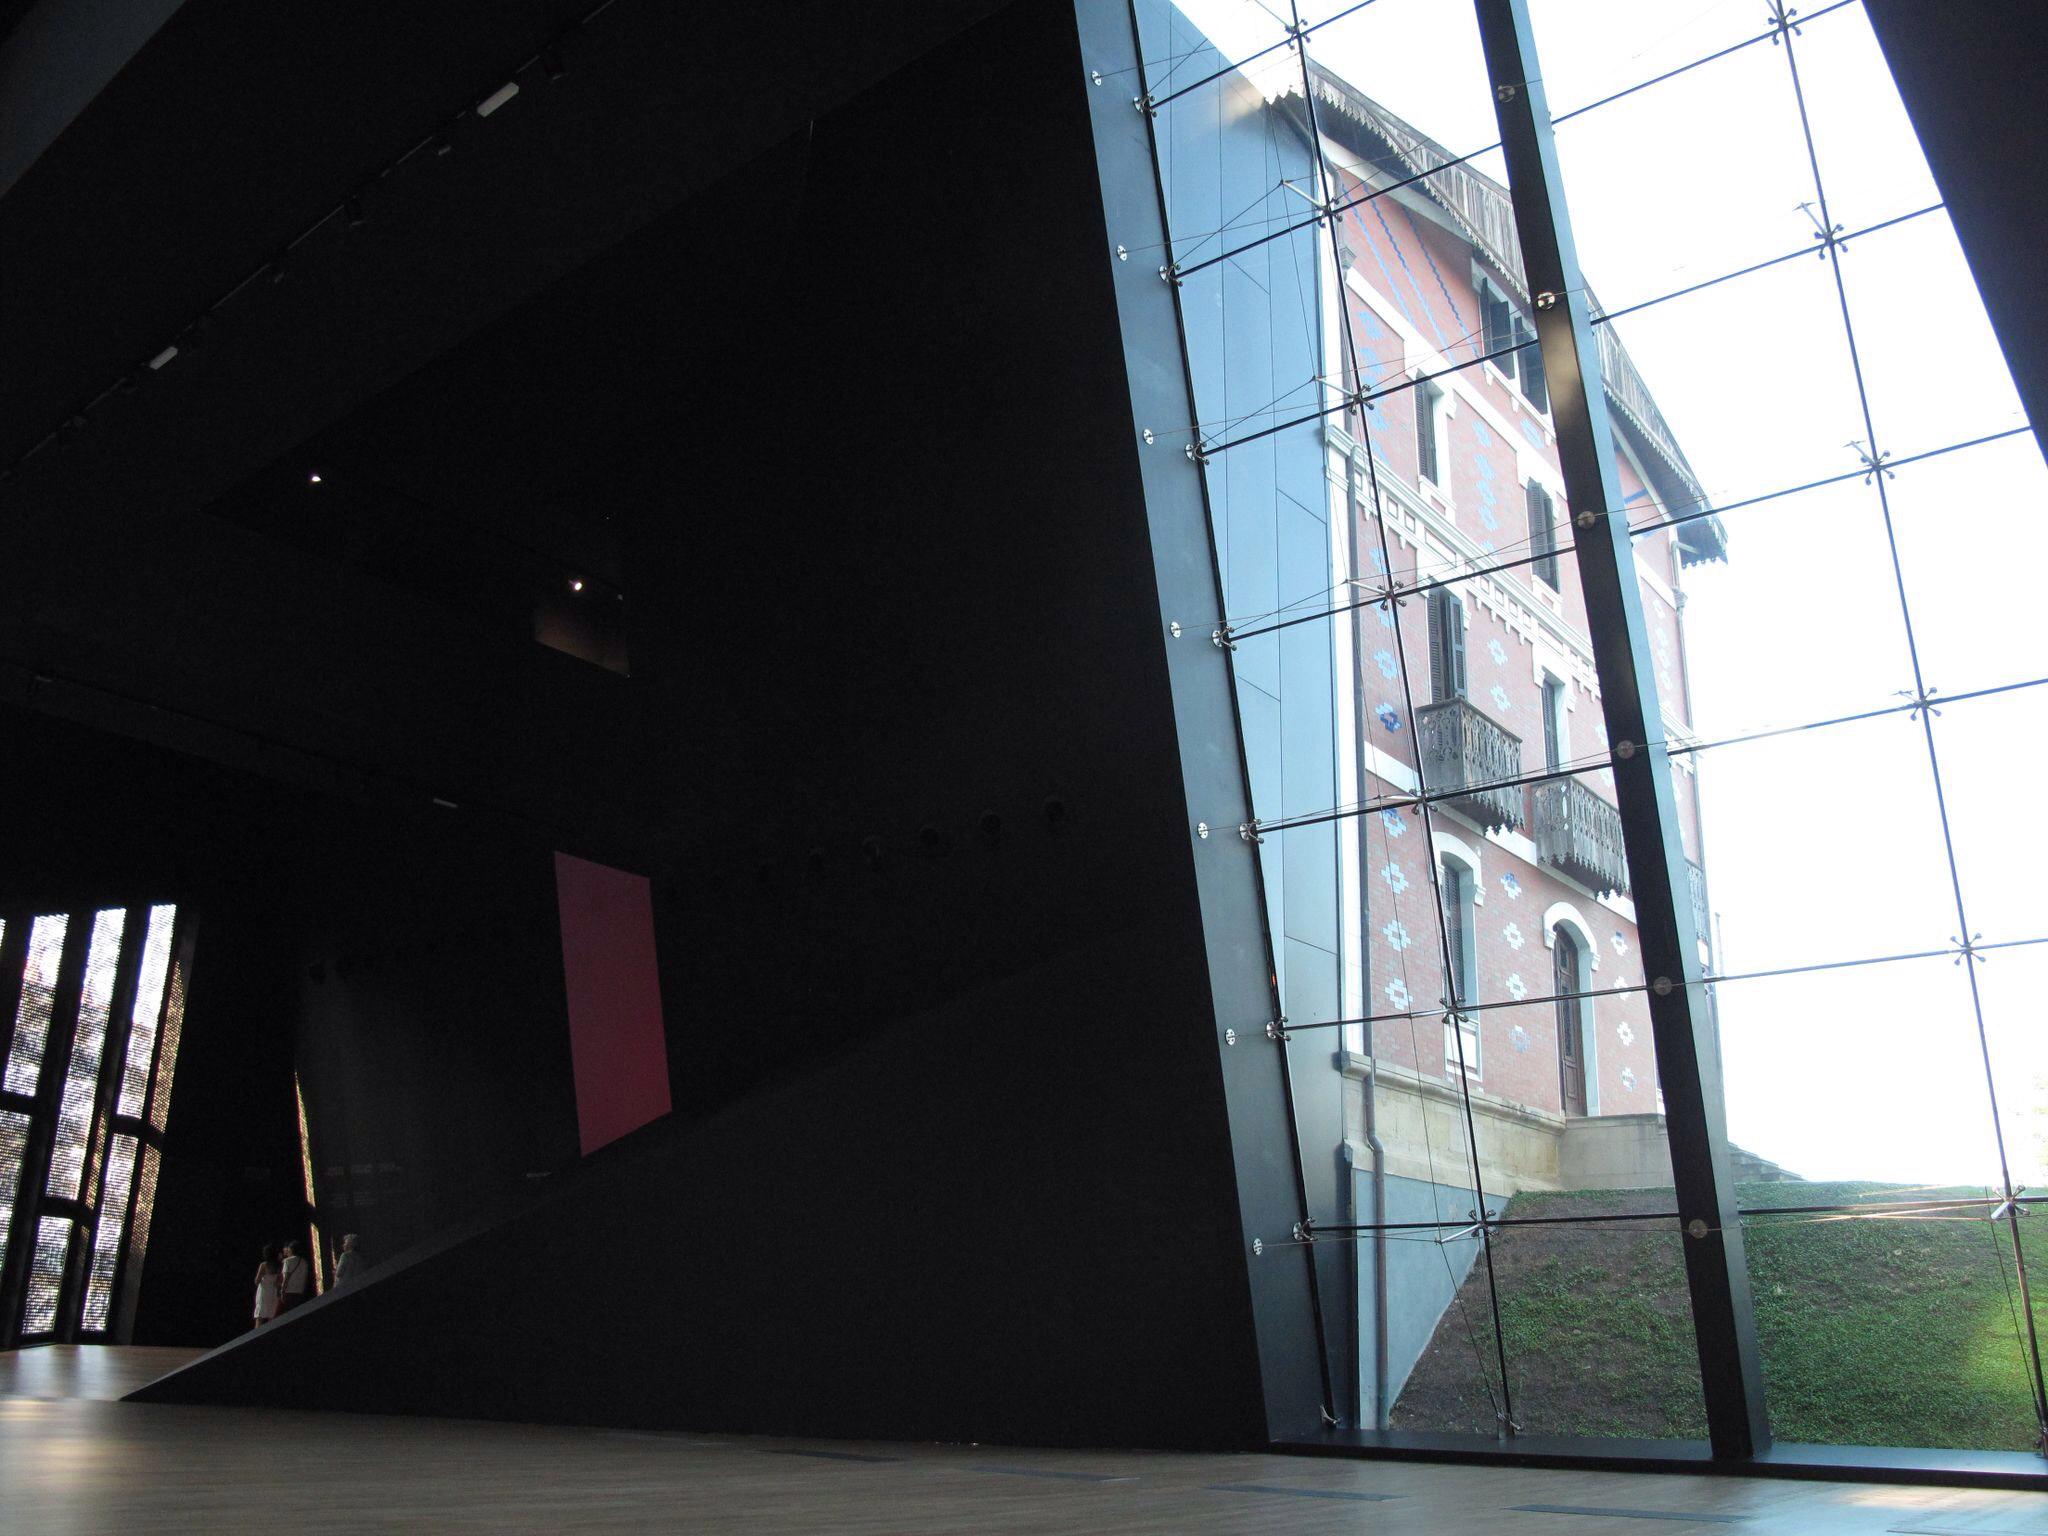 museo balenciaga_julian argilagos